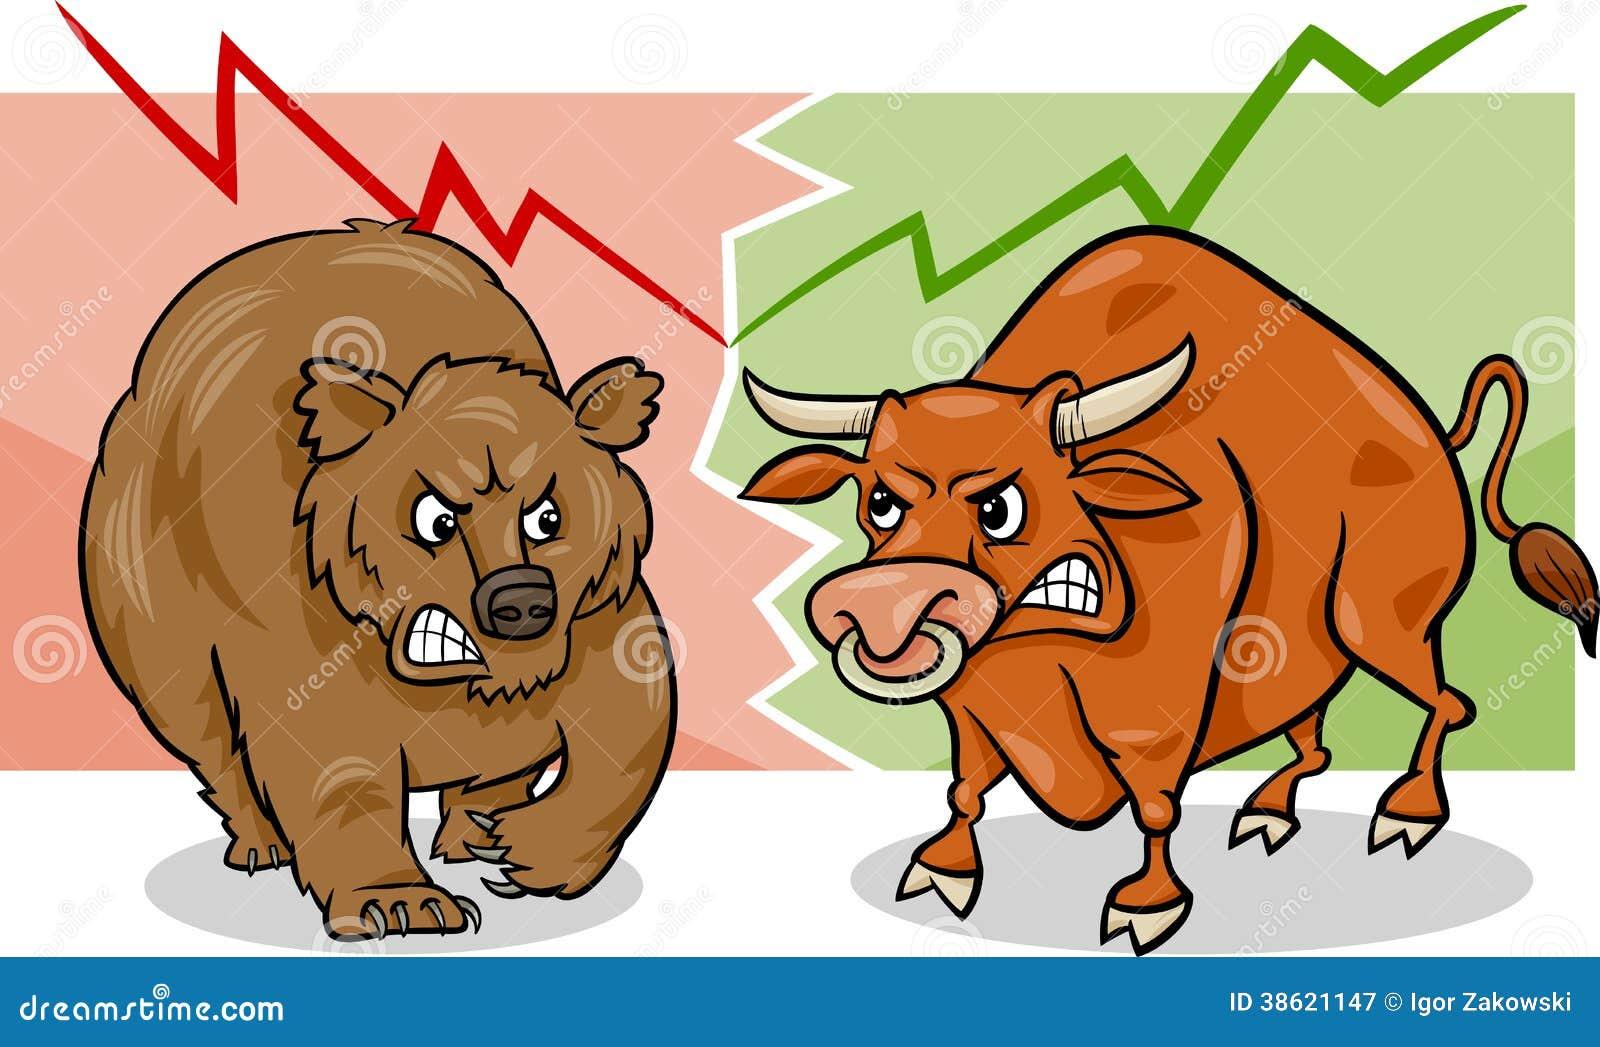 Image result for bull bear images stock market